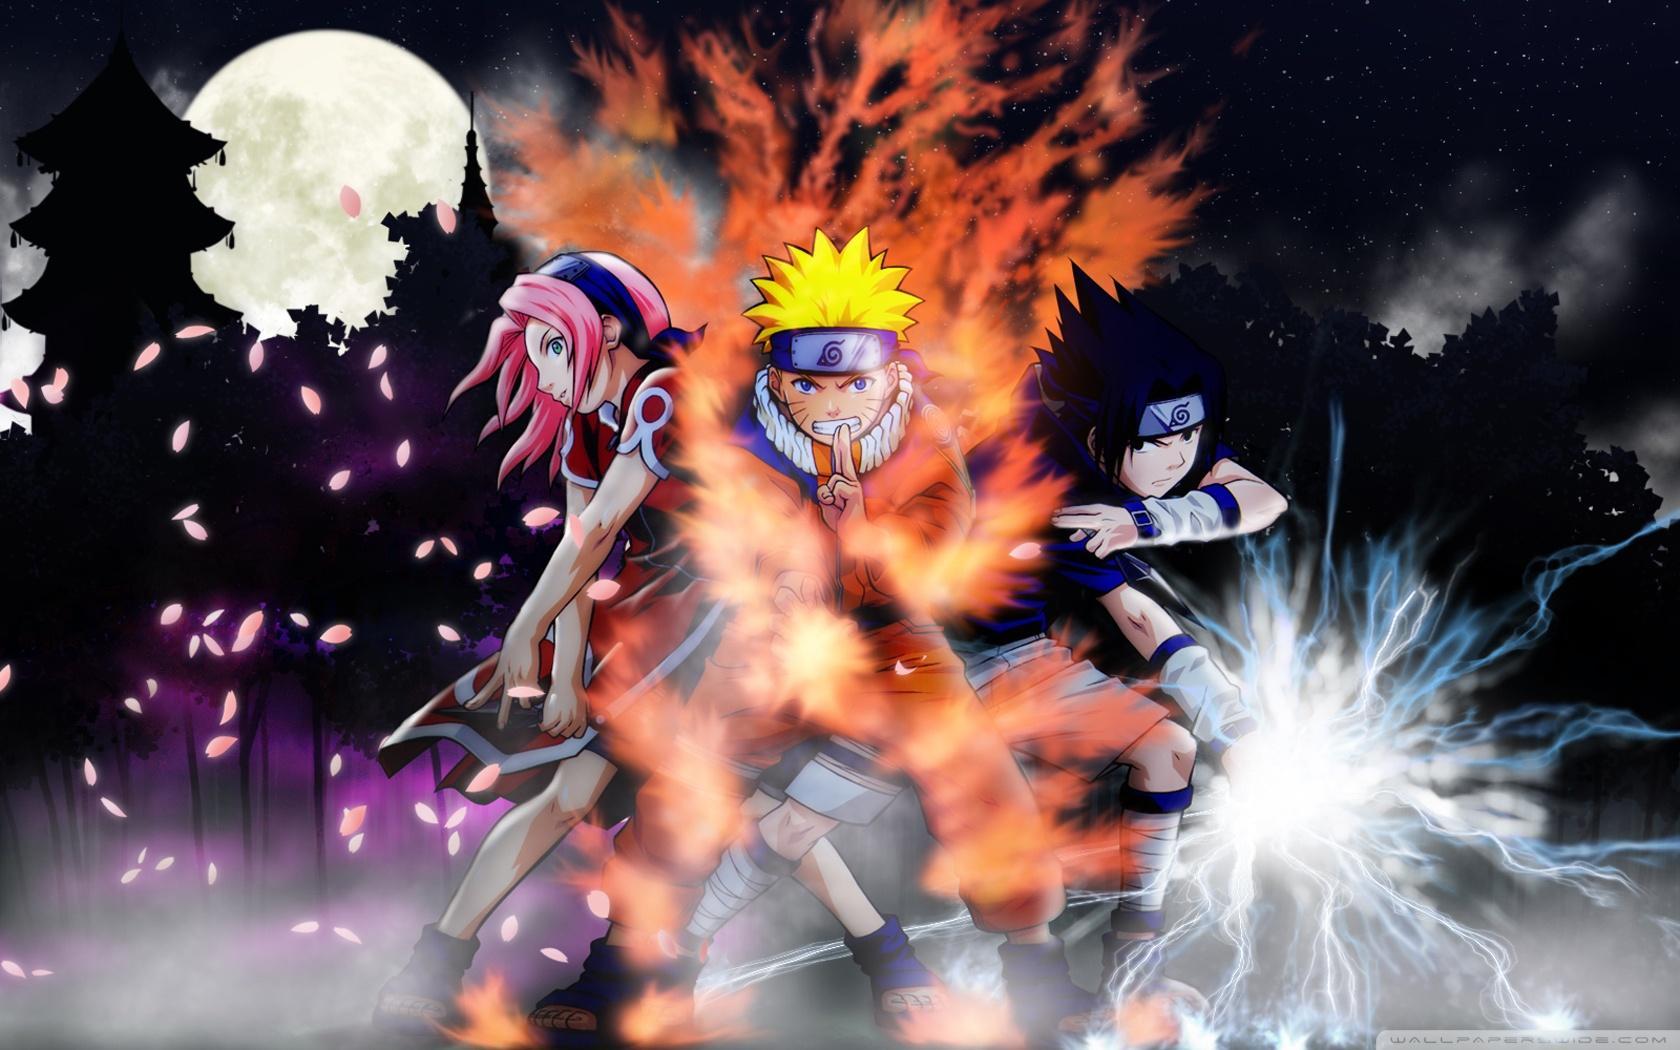 Unduh 54 Wallpaper Naruto Classic Gratis Terbaru